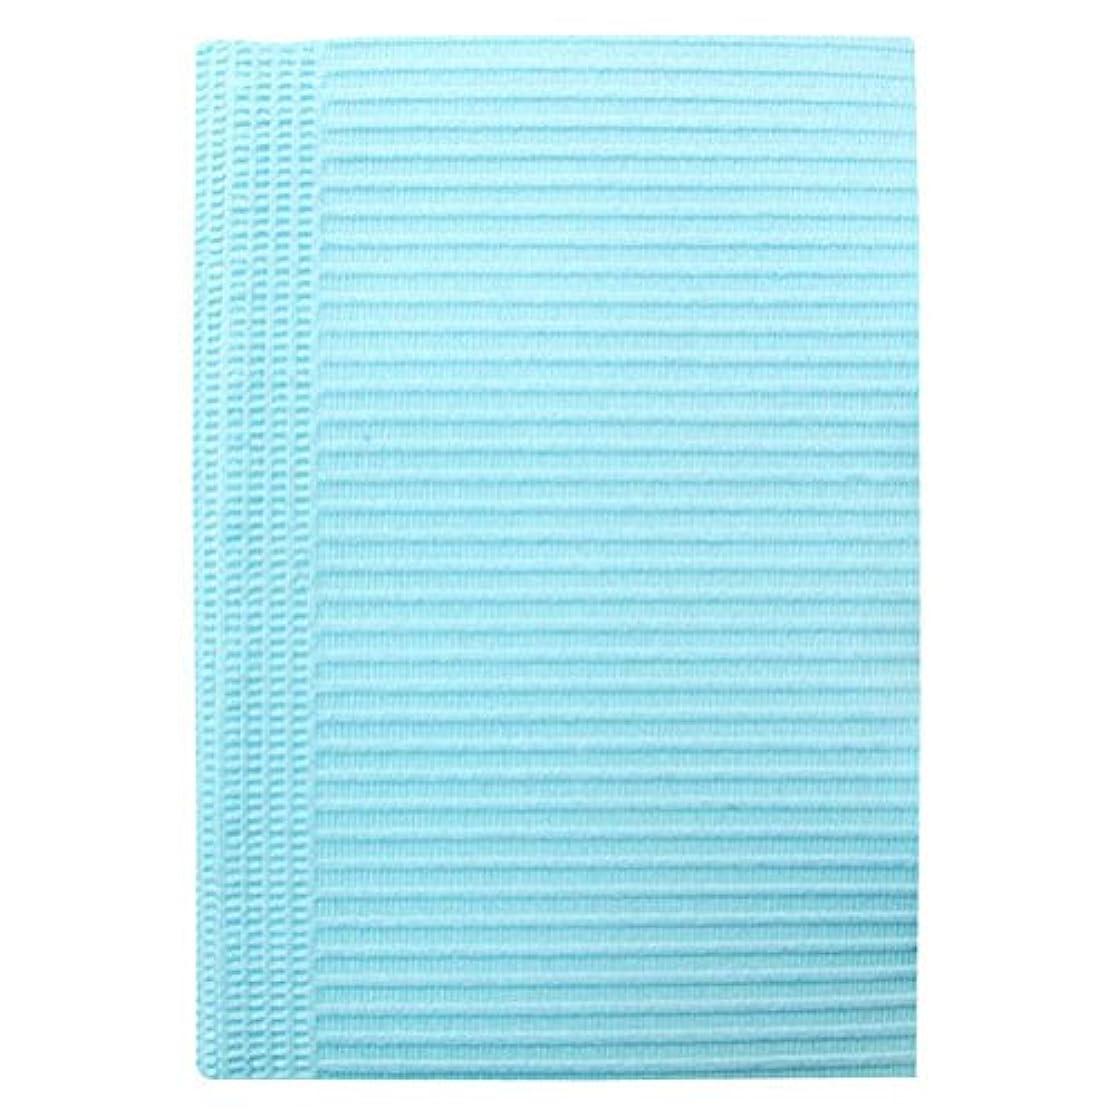 約束する認めるガラガラSunshineBabe サンシャインベビー ペーパーシート 50枚 ブルー